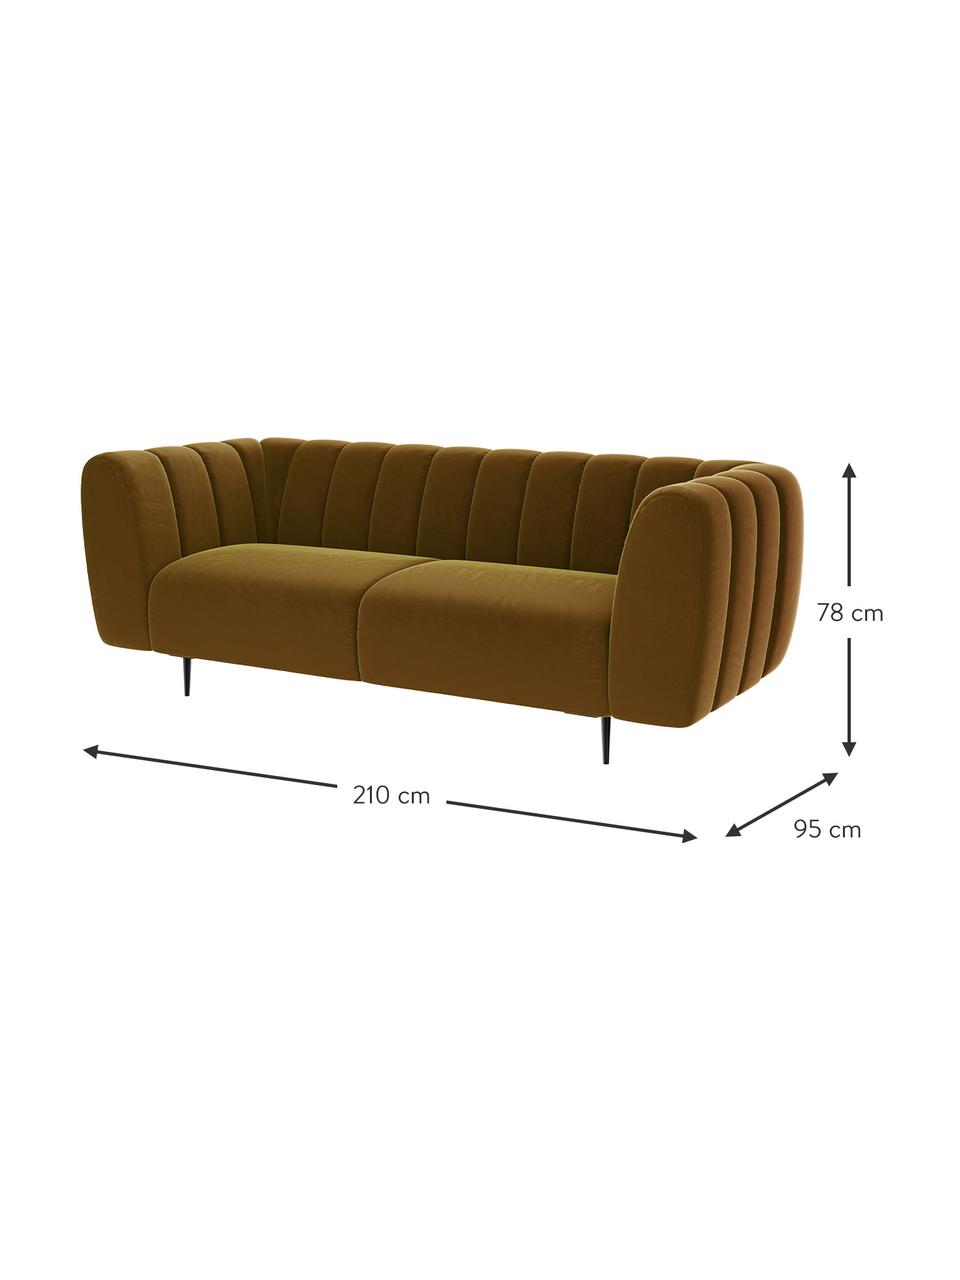 Sofa z aksamitu Shel (3-osobowa), Tapicerka: 100% aksamit poliestrowy, Stelaż: drewno liściaste, drewno , Nogi: metal powlekany Dzięki tk, Musztardowy, S 210 x G 95 cm